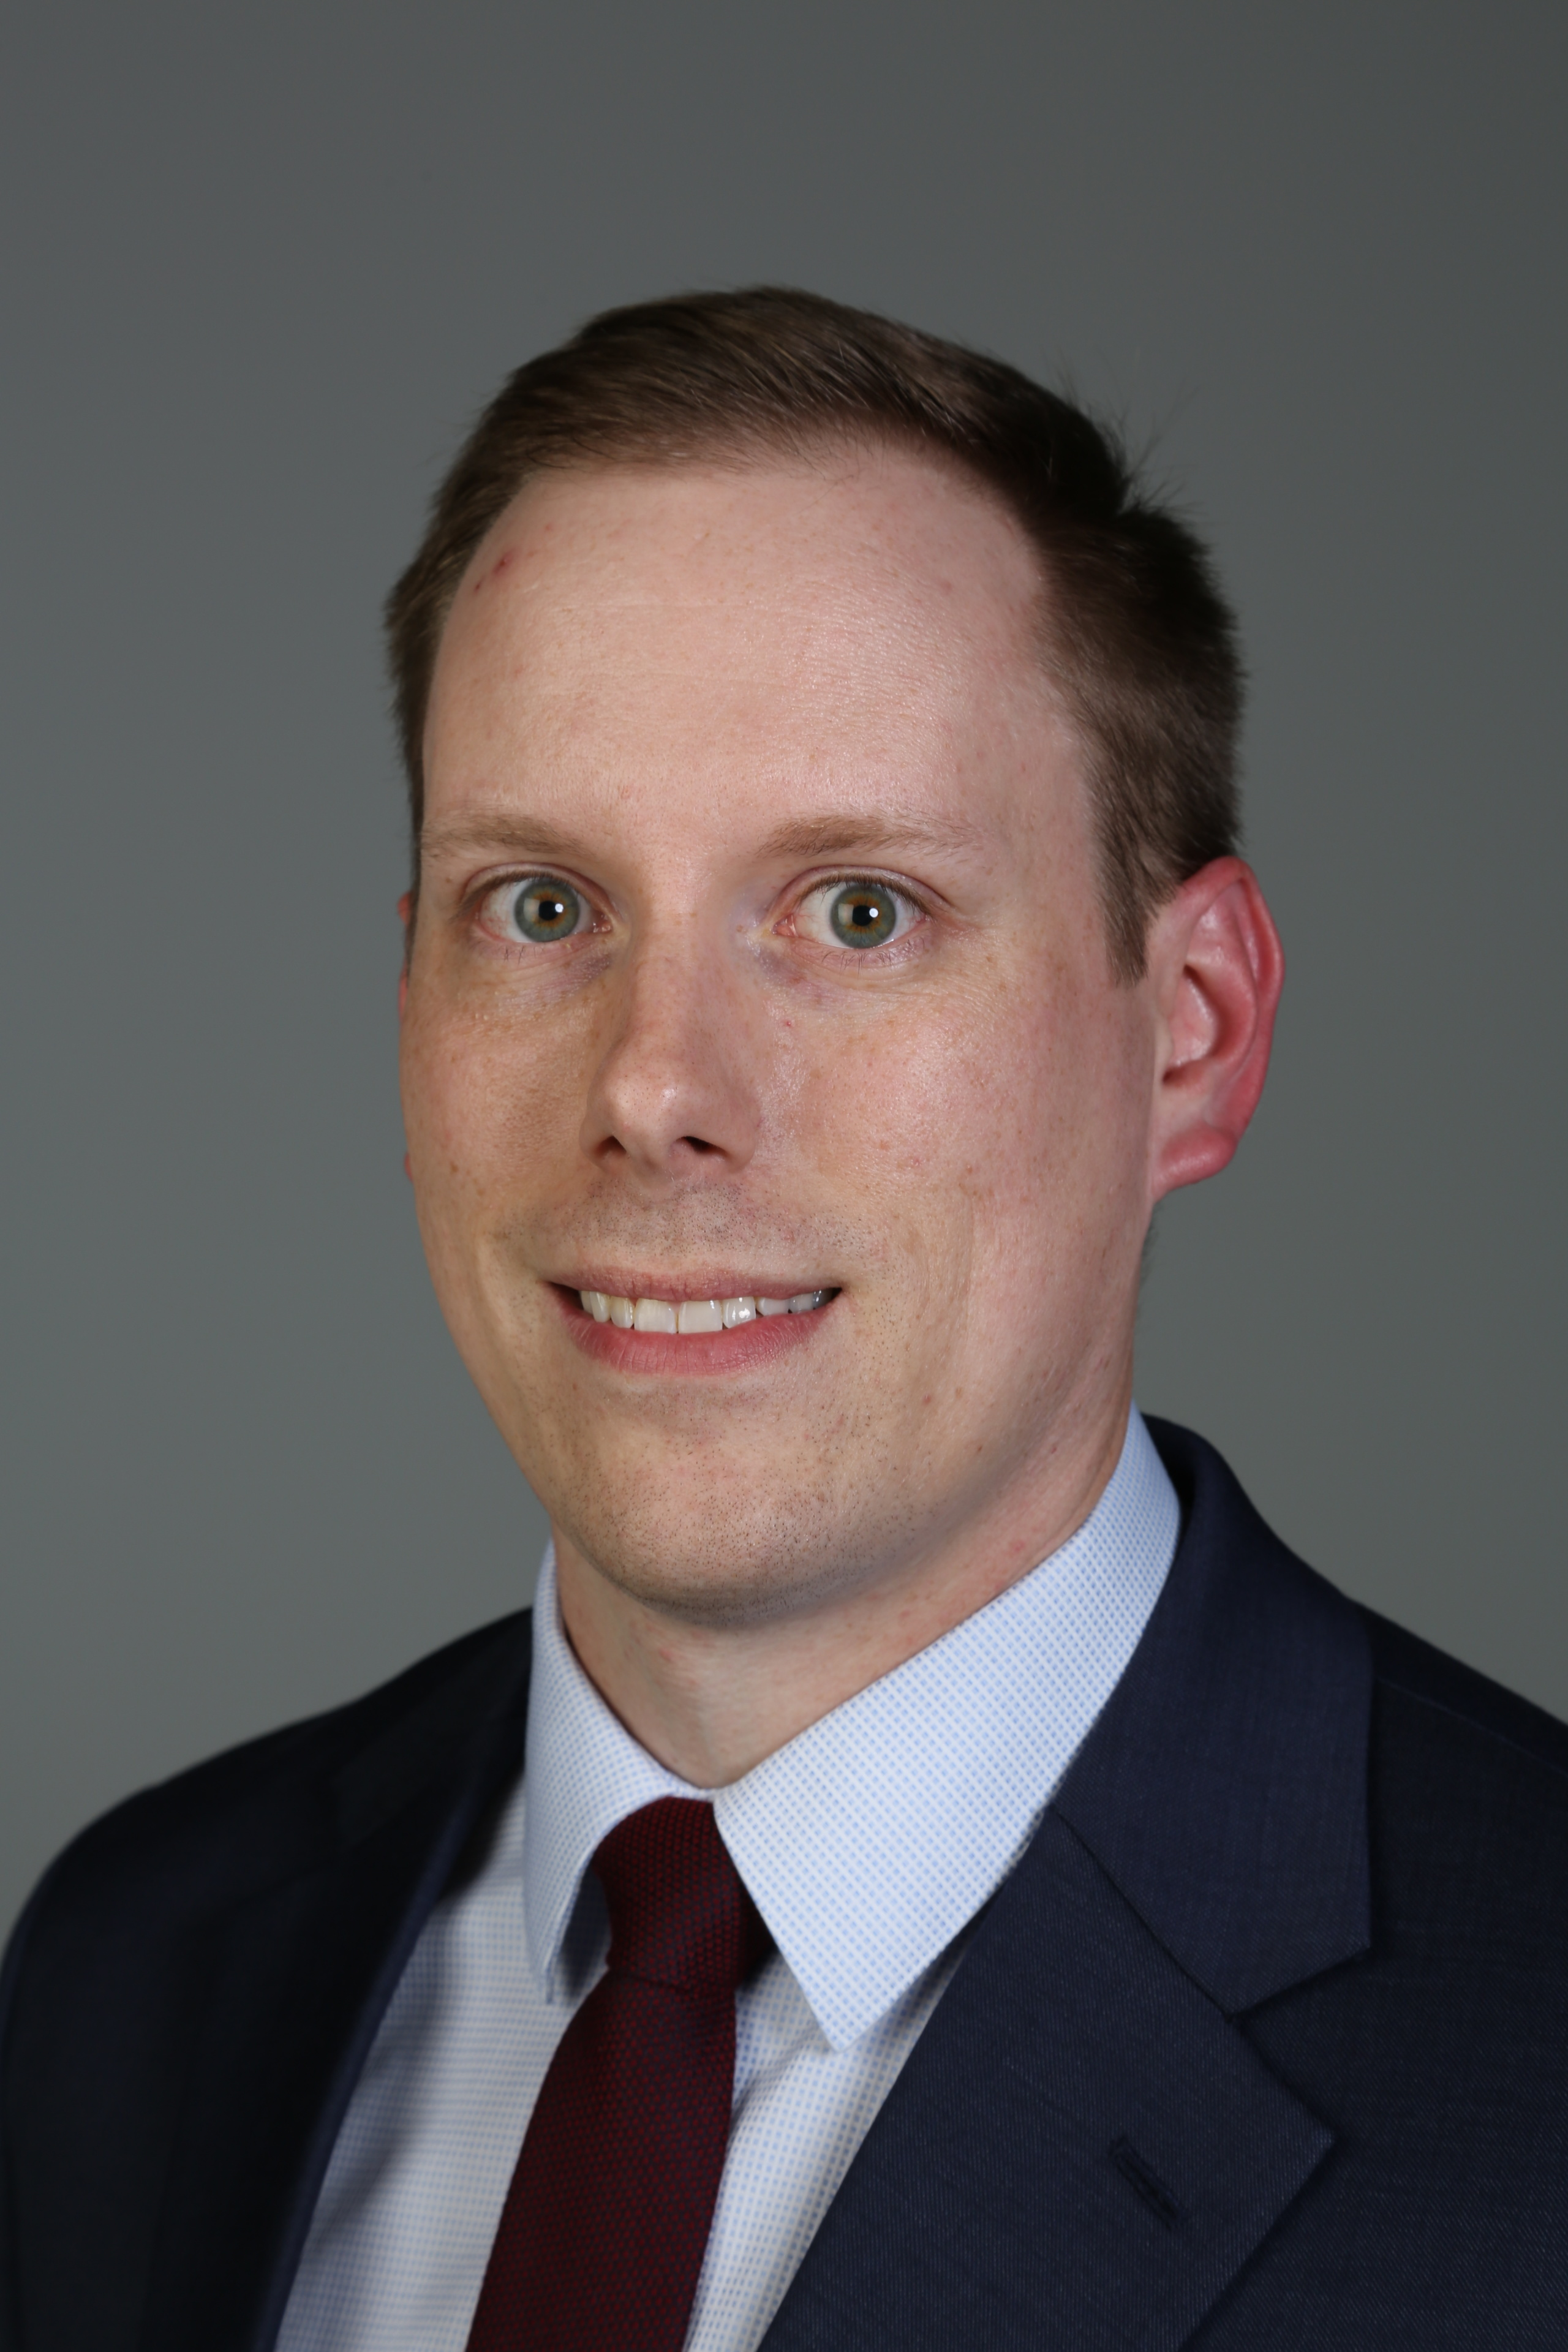 Jonathan Stanfill